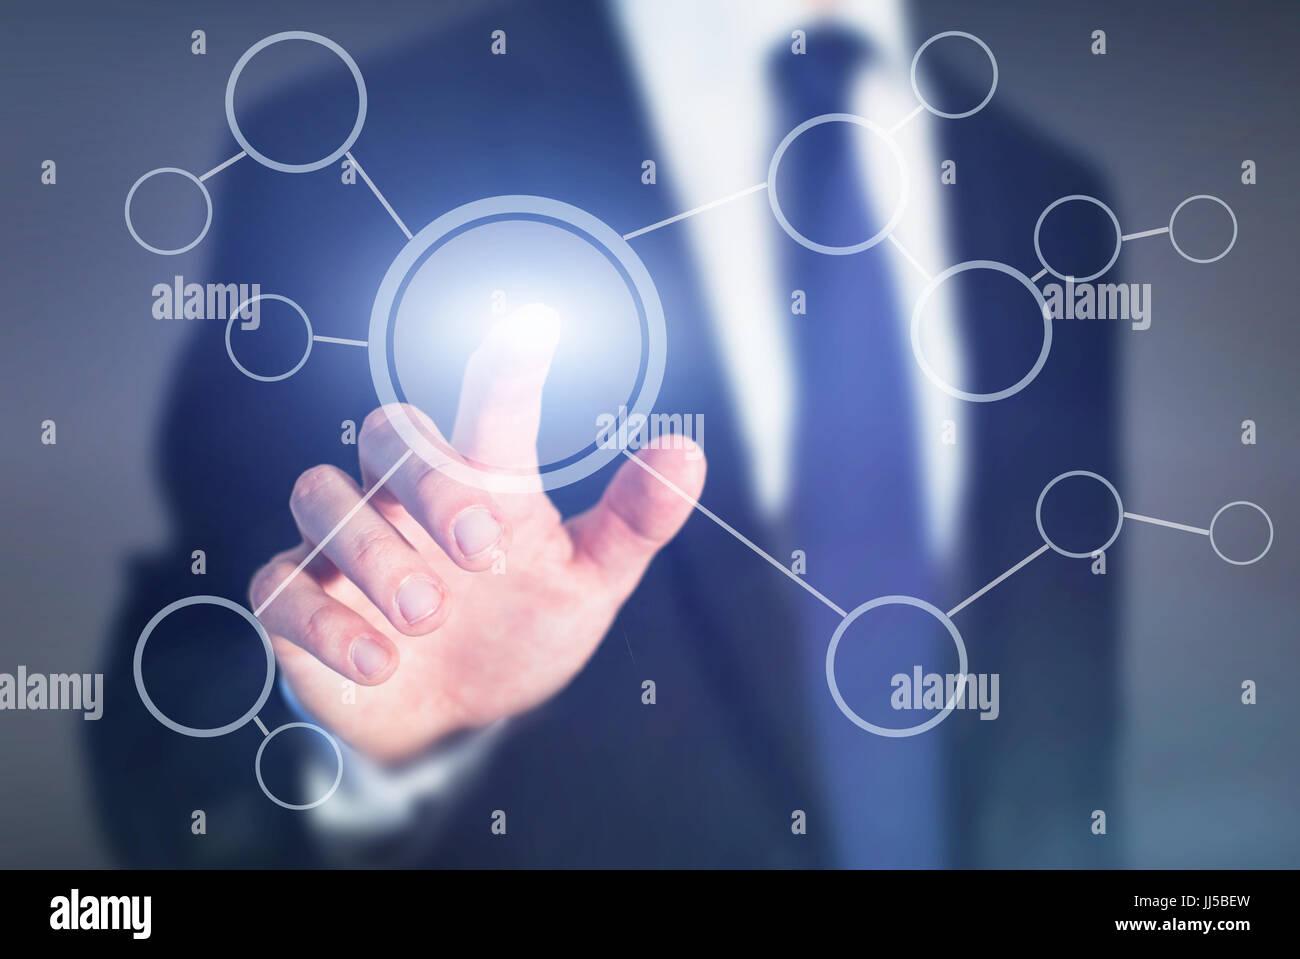 Diagramma di flusso su abstract touch screen, business schema di processo o il concetto di obiettivo Immagini Stock